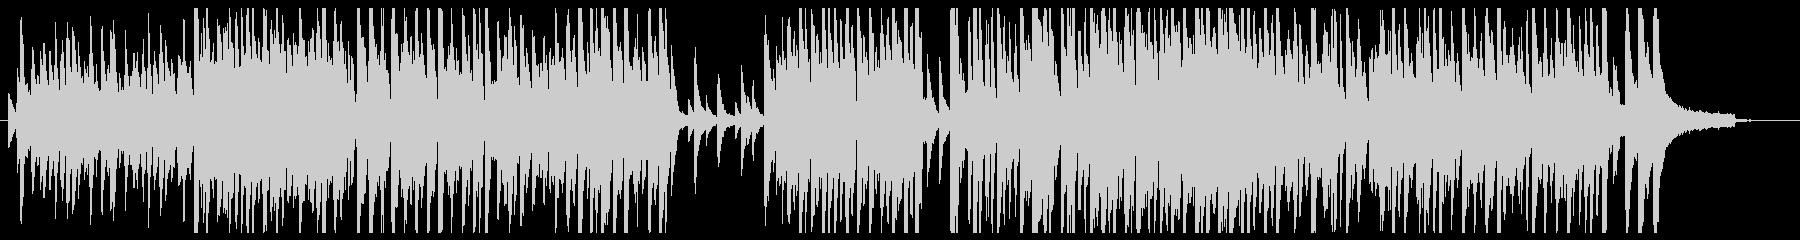 アコースティックピアノメインほんわかの未再生の波形